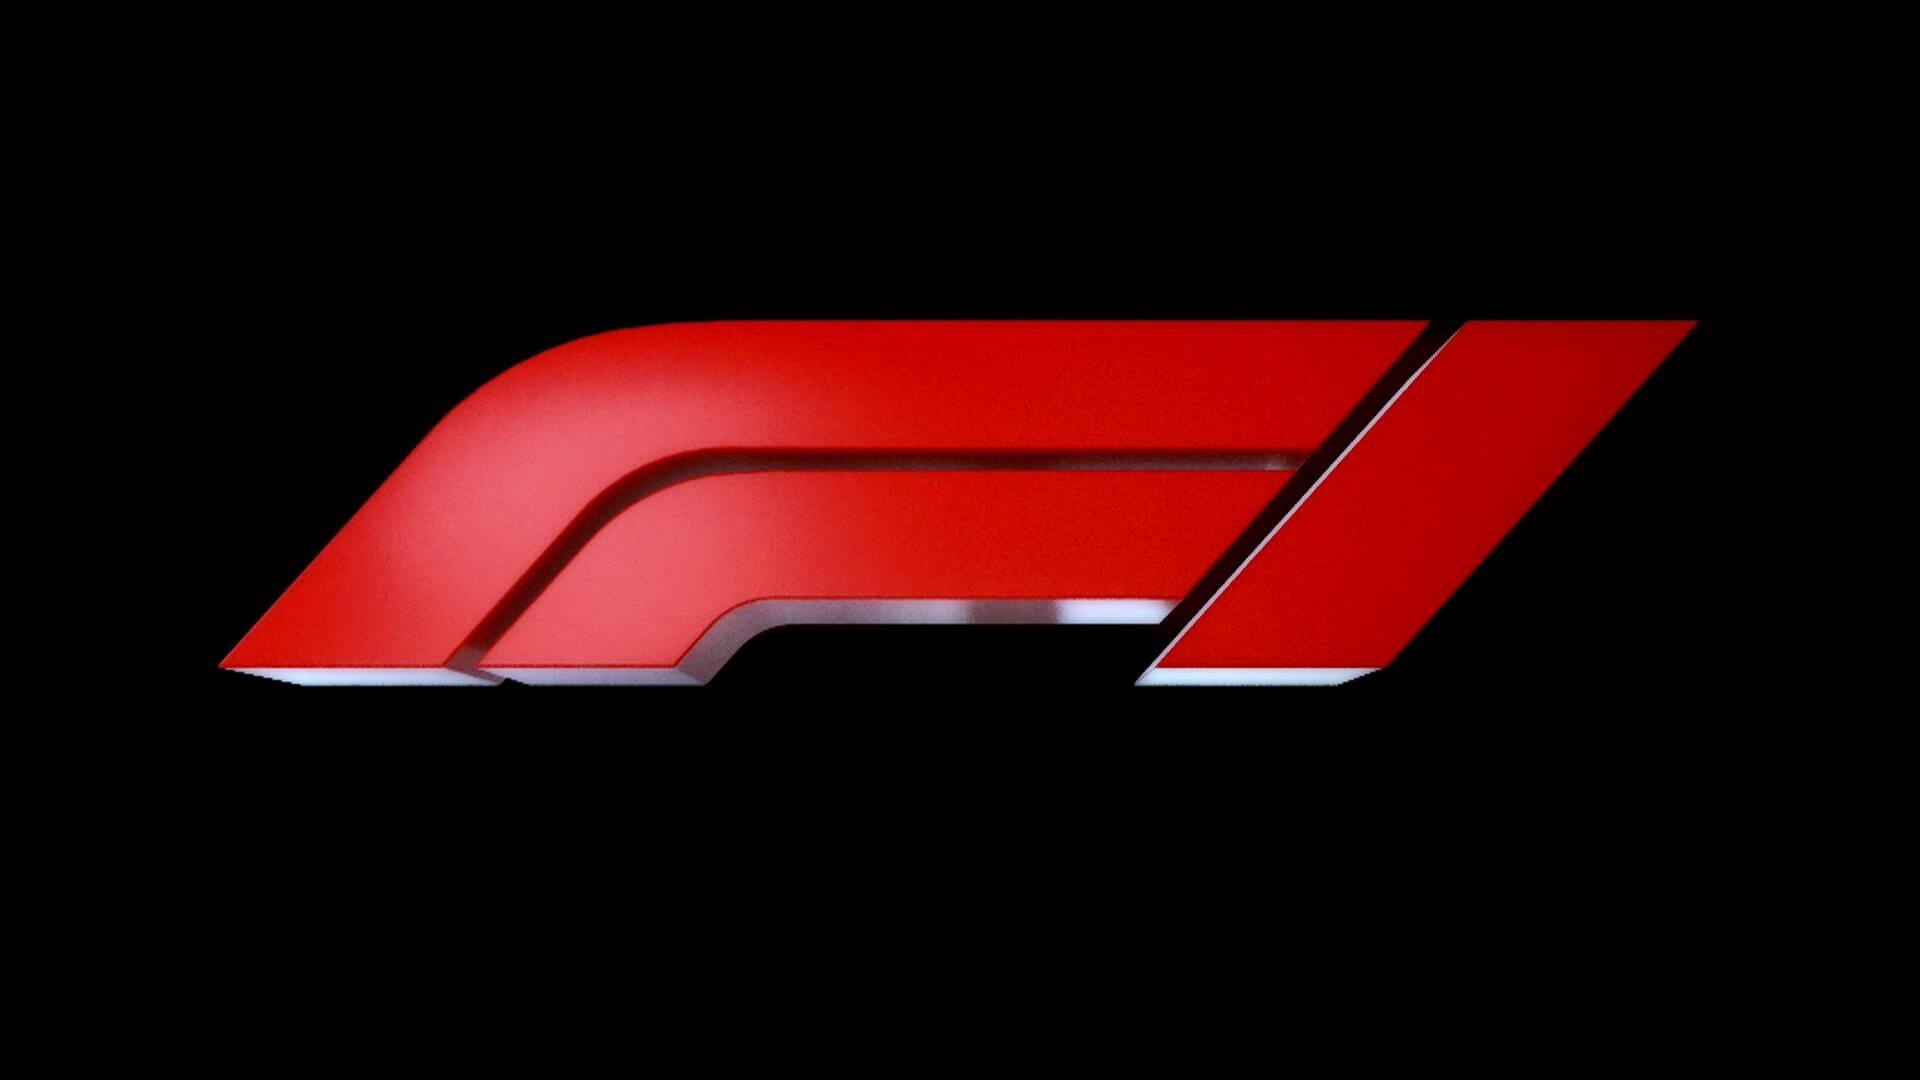 nurburgring kembali selenggarakan f1 di tahun 2019. Black Bedroom Furniture Sets. Home Design Ideas